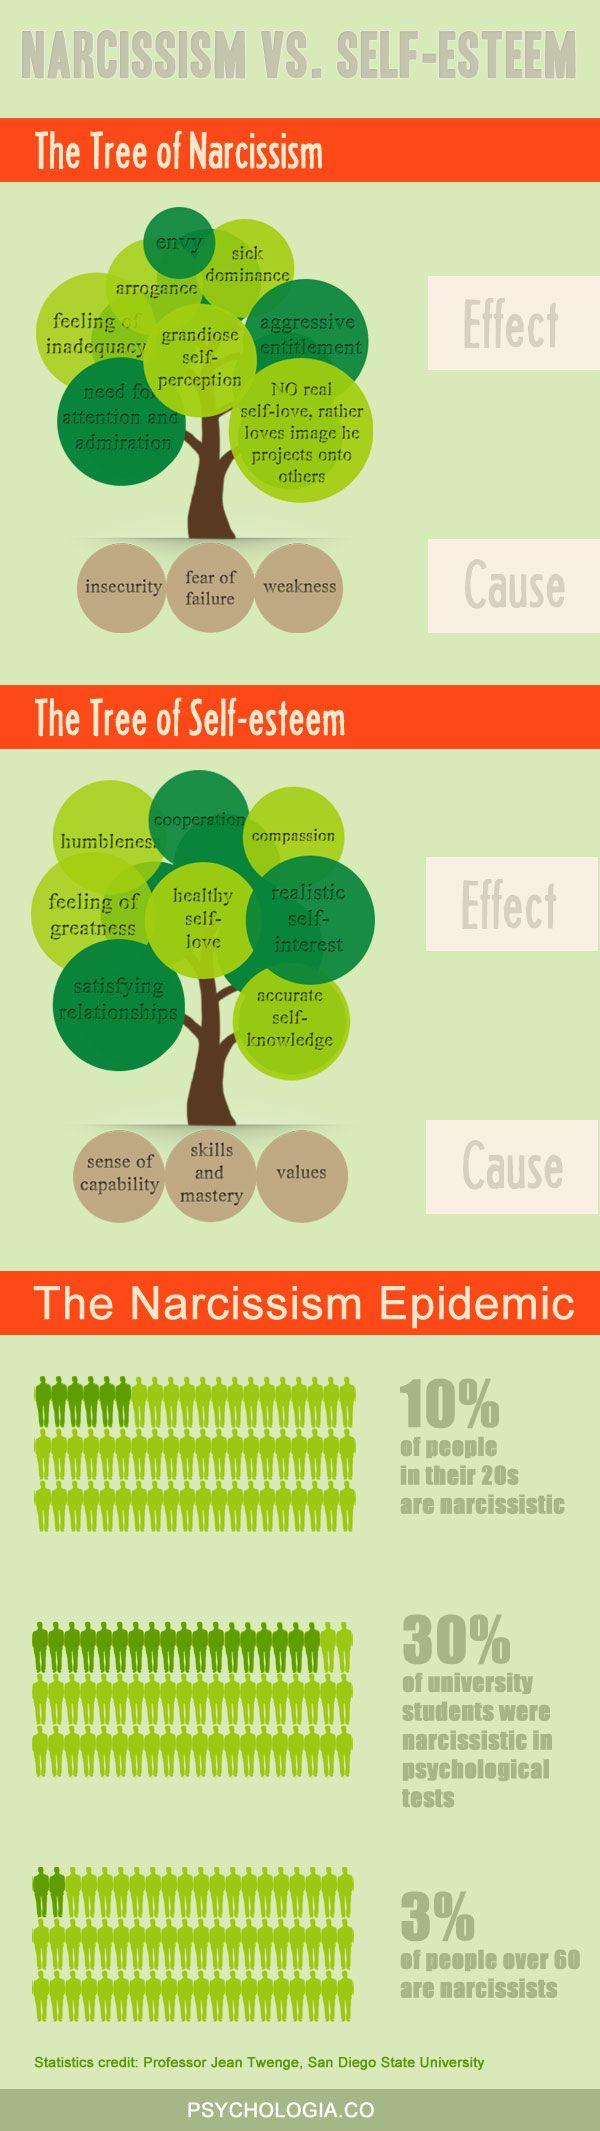 Narcisme als moderne ziekte